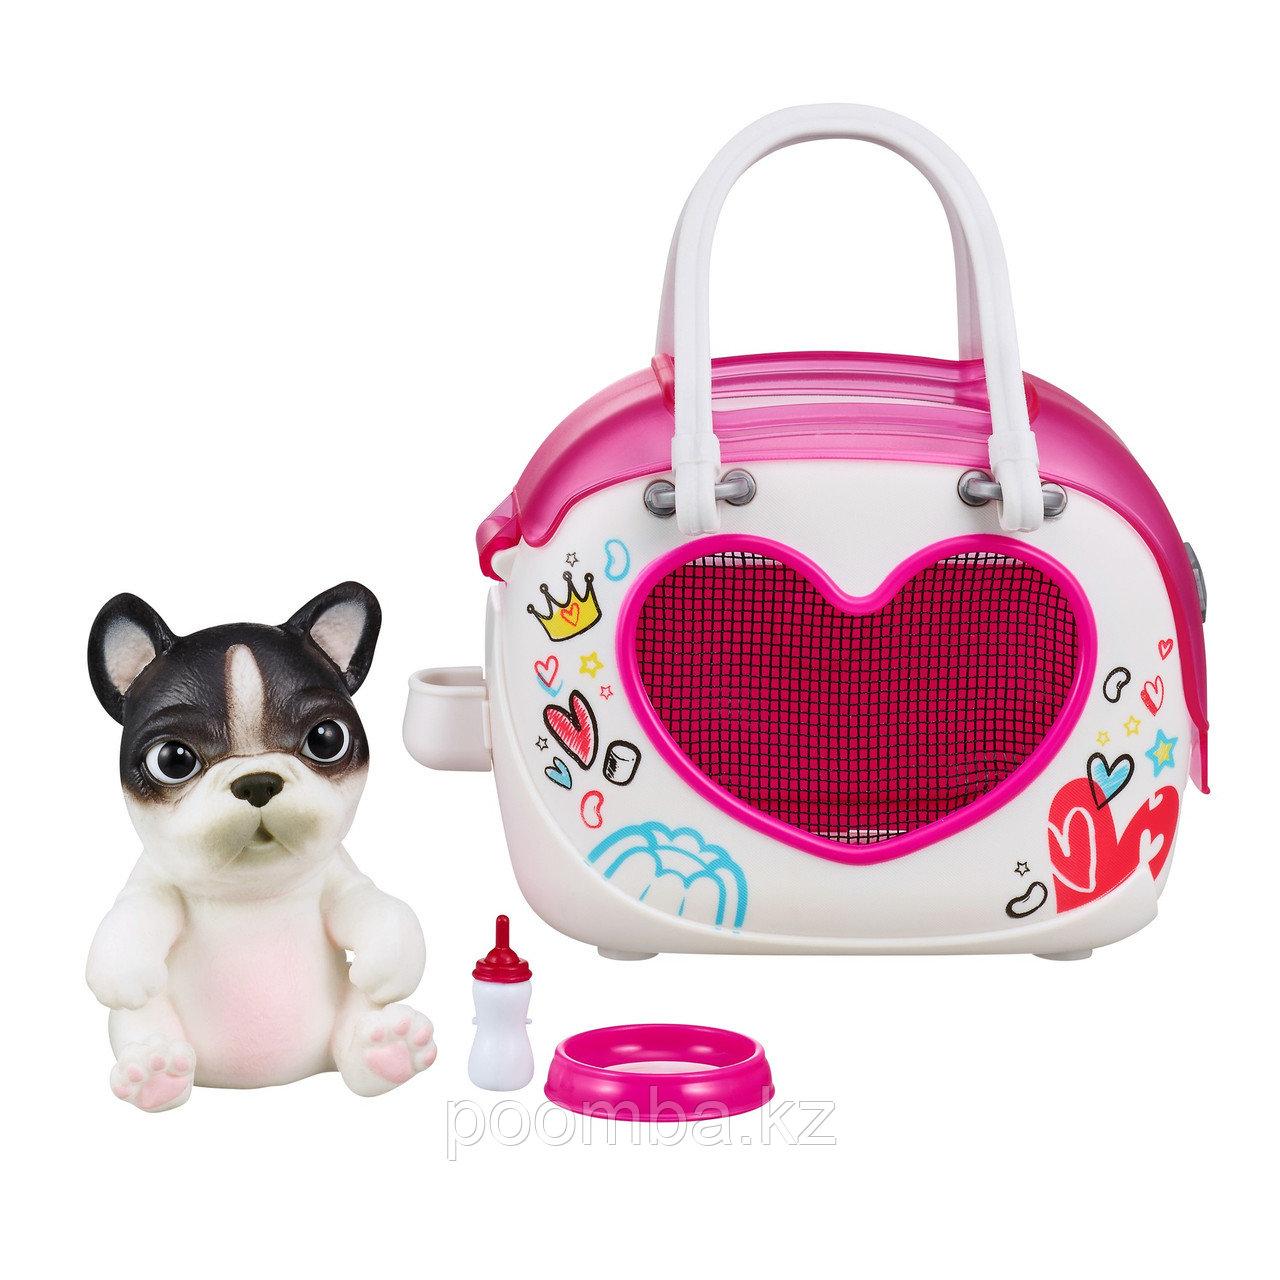 Интерактивная игрушка сквиши-щенок OMG Pets! в переноске